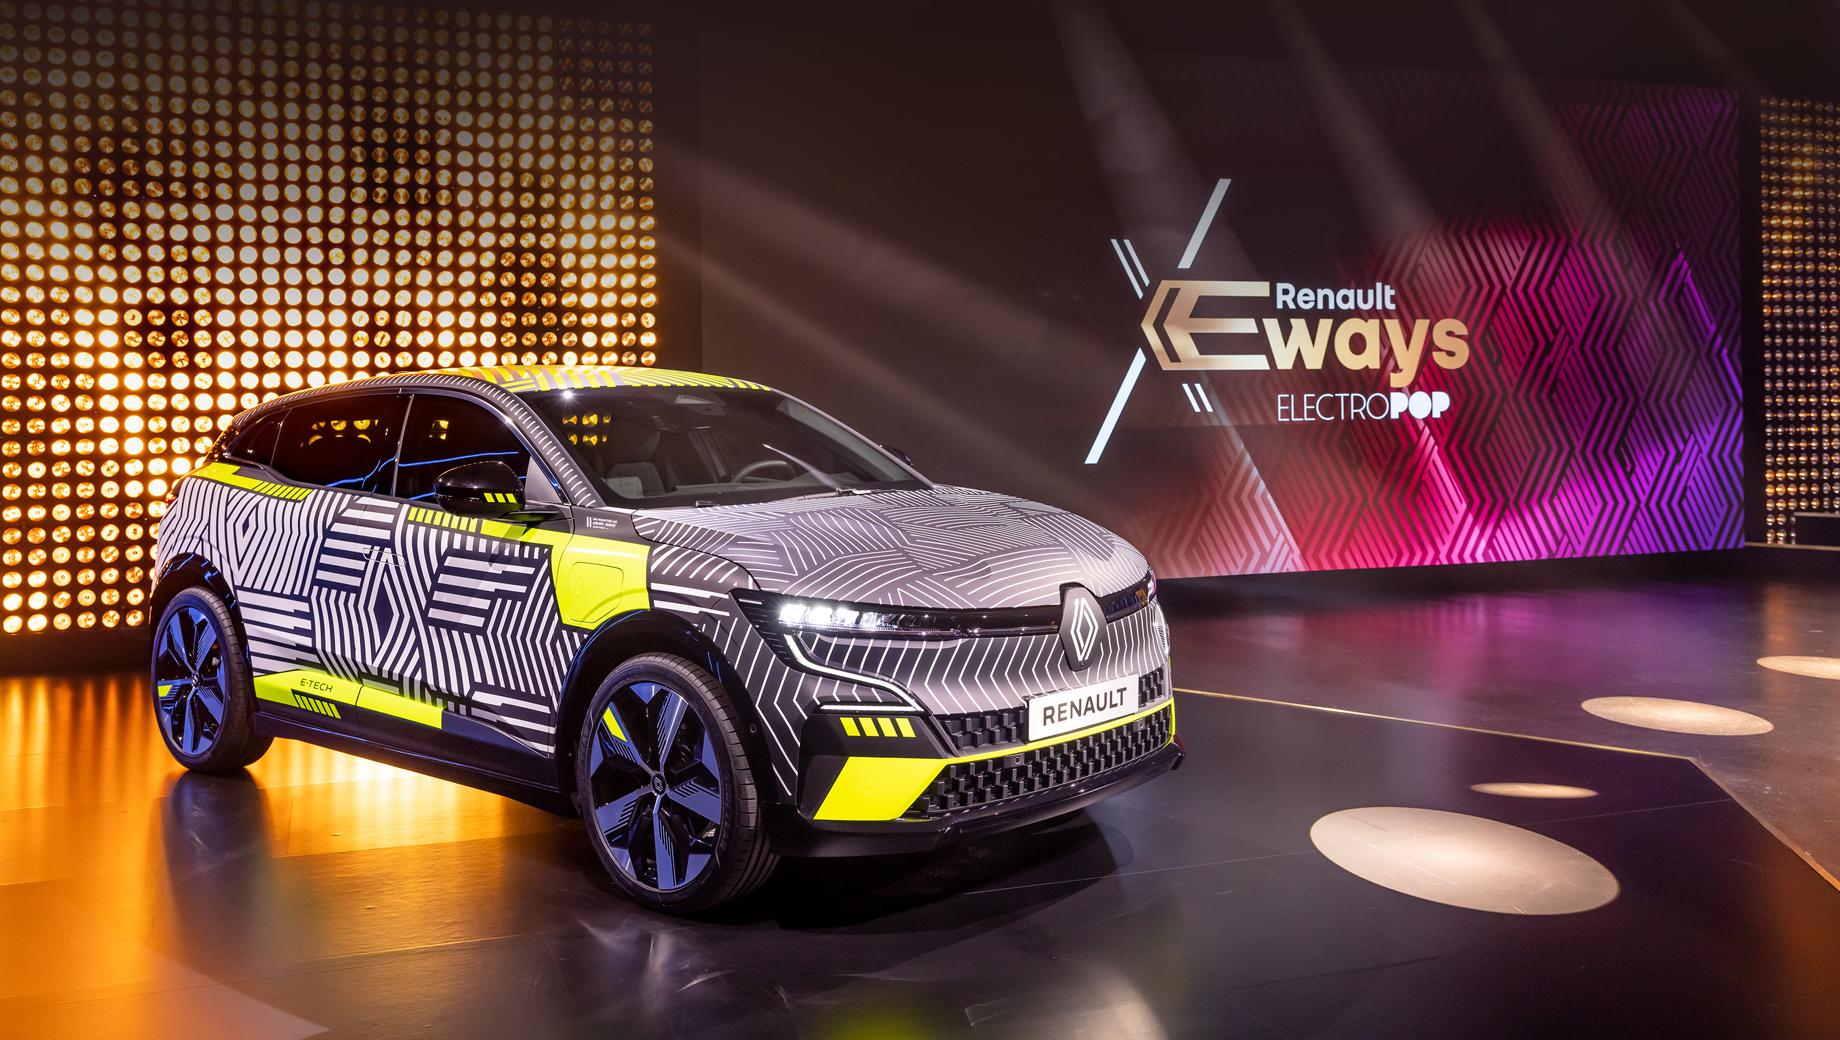 Renault 4,Renault 5,Renault megane. Один из немногих «живых» экспонатов конференции — хэтчбек Renault Megane E-Tech Electric, который должен выйти на рынок в 2022 году.